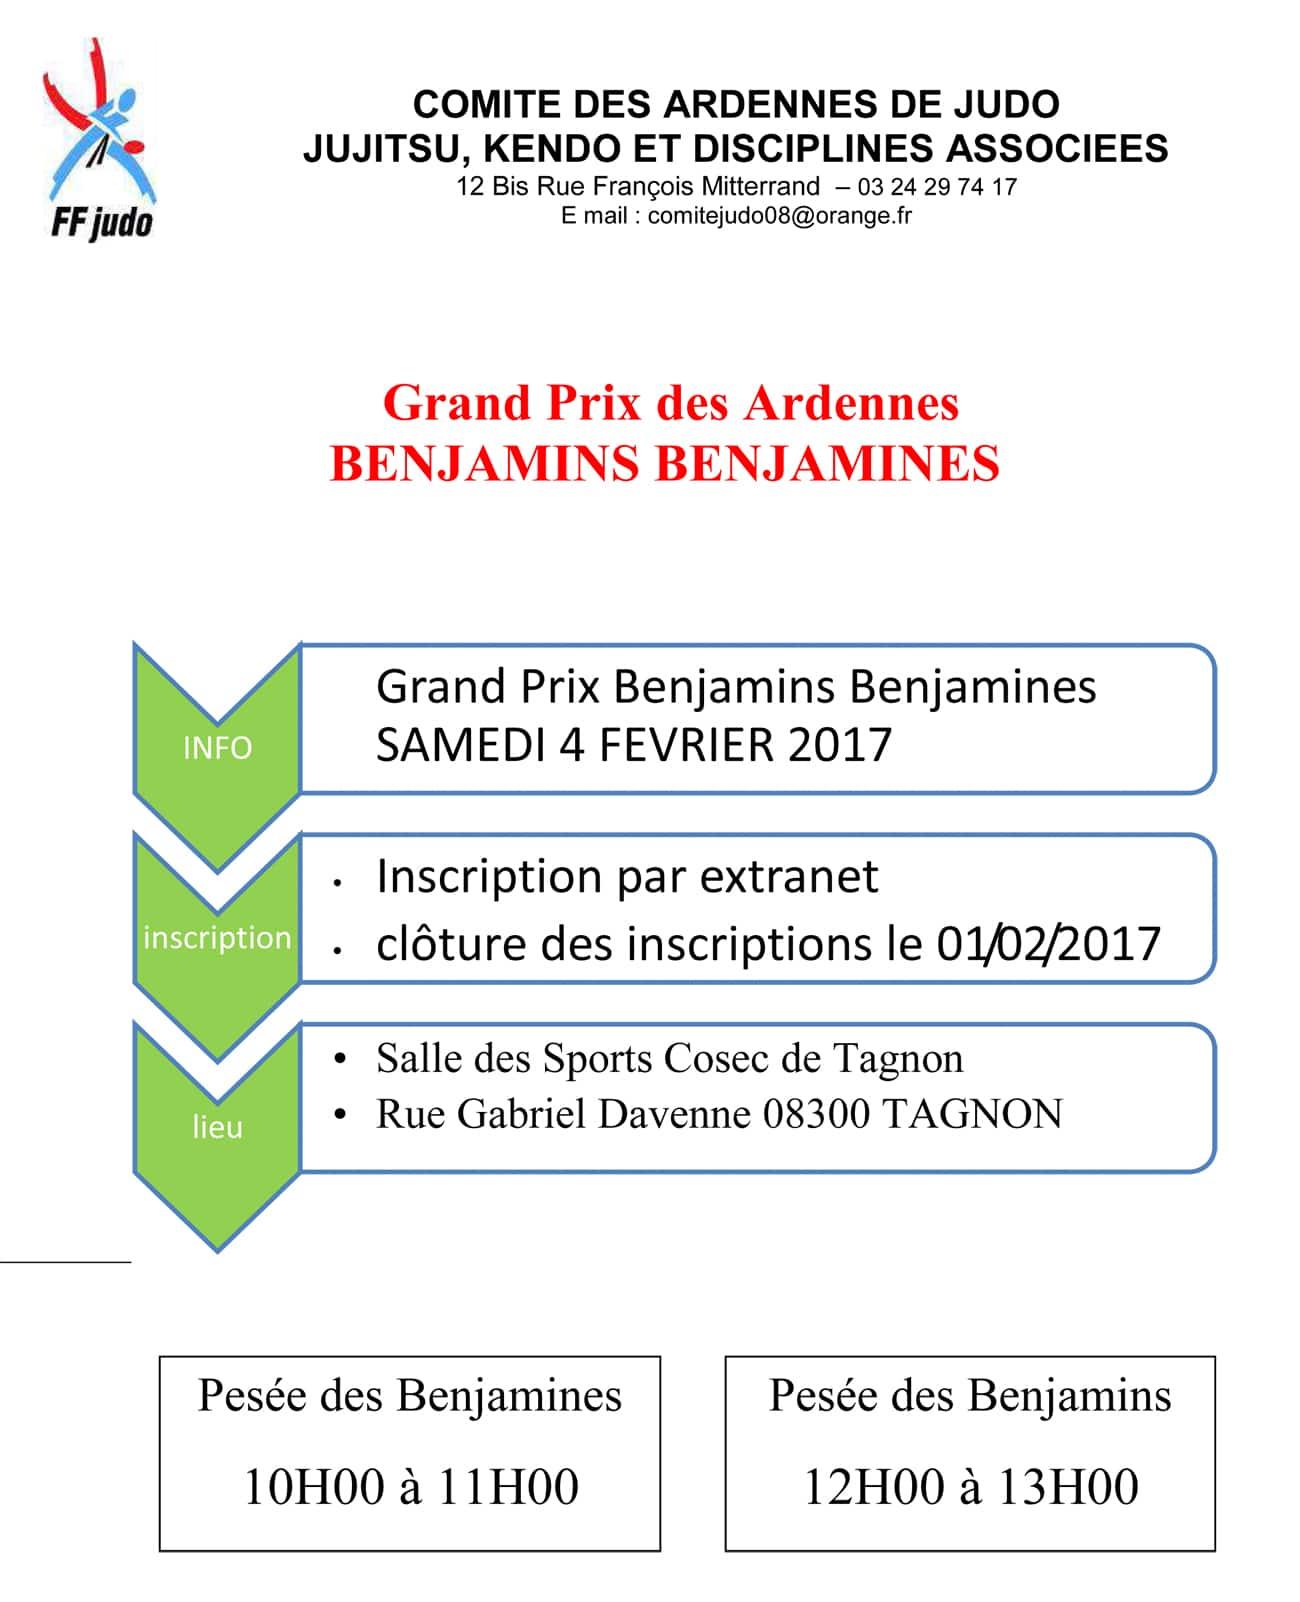 Grand Prix des Ardennes Benjamins-Benjamines